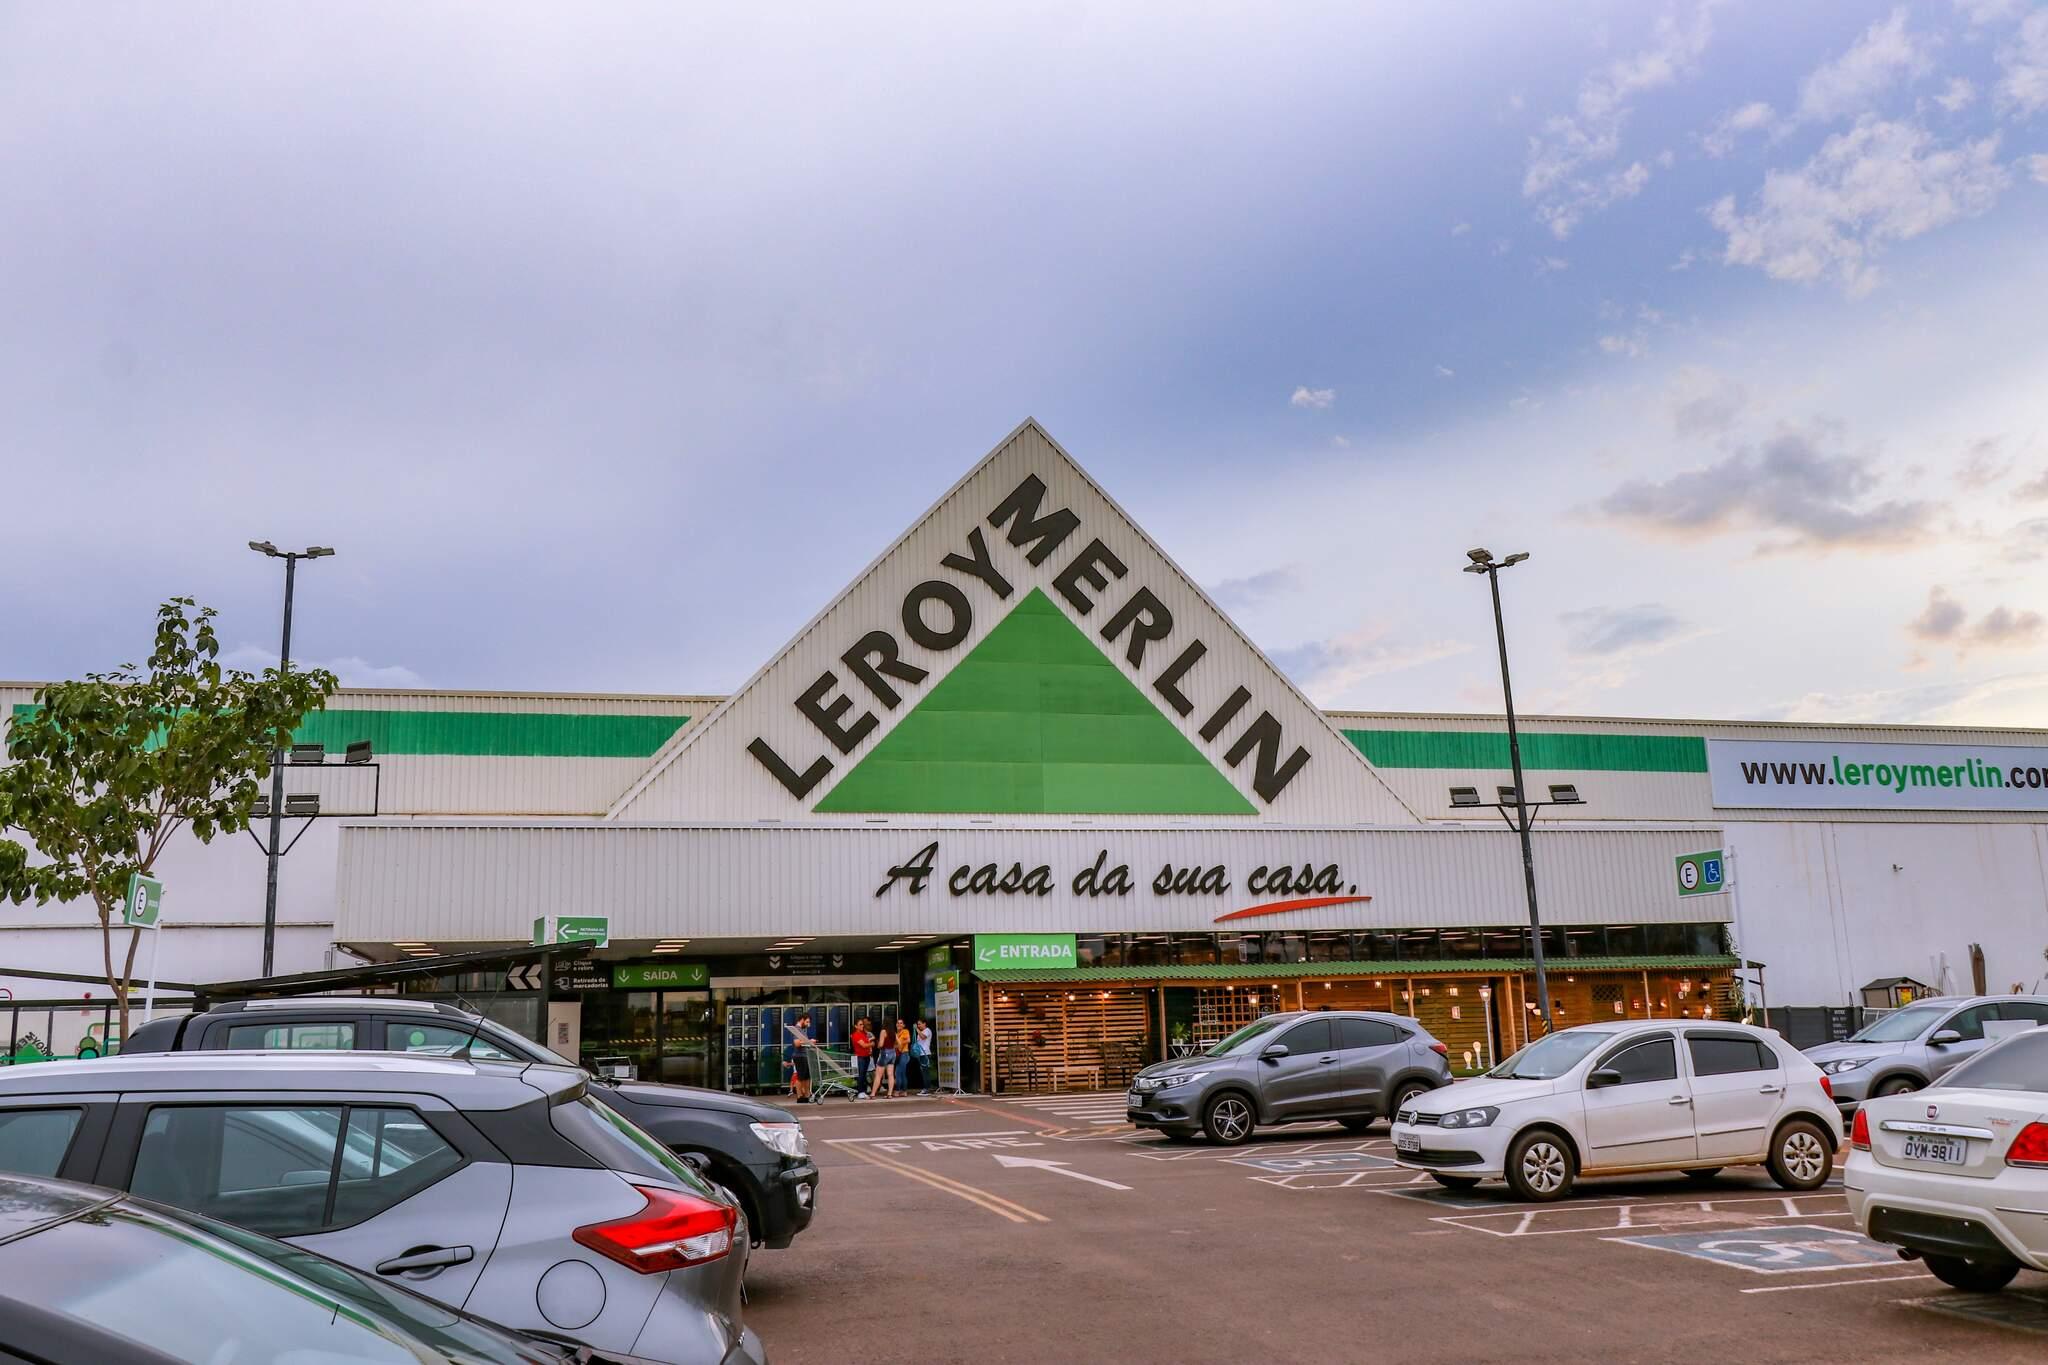 Leroy Merlin fica ao lado do Shopping Bosque dos Ipês, na Avenida Cônsul Assaf Trad, 6170